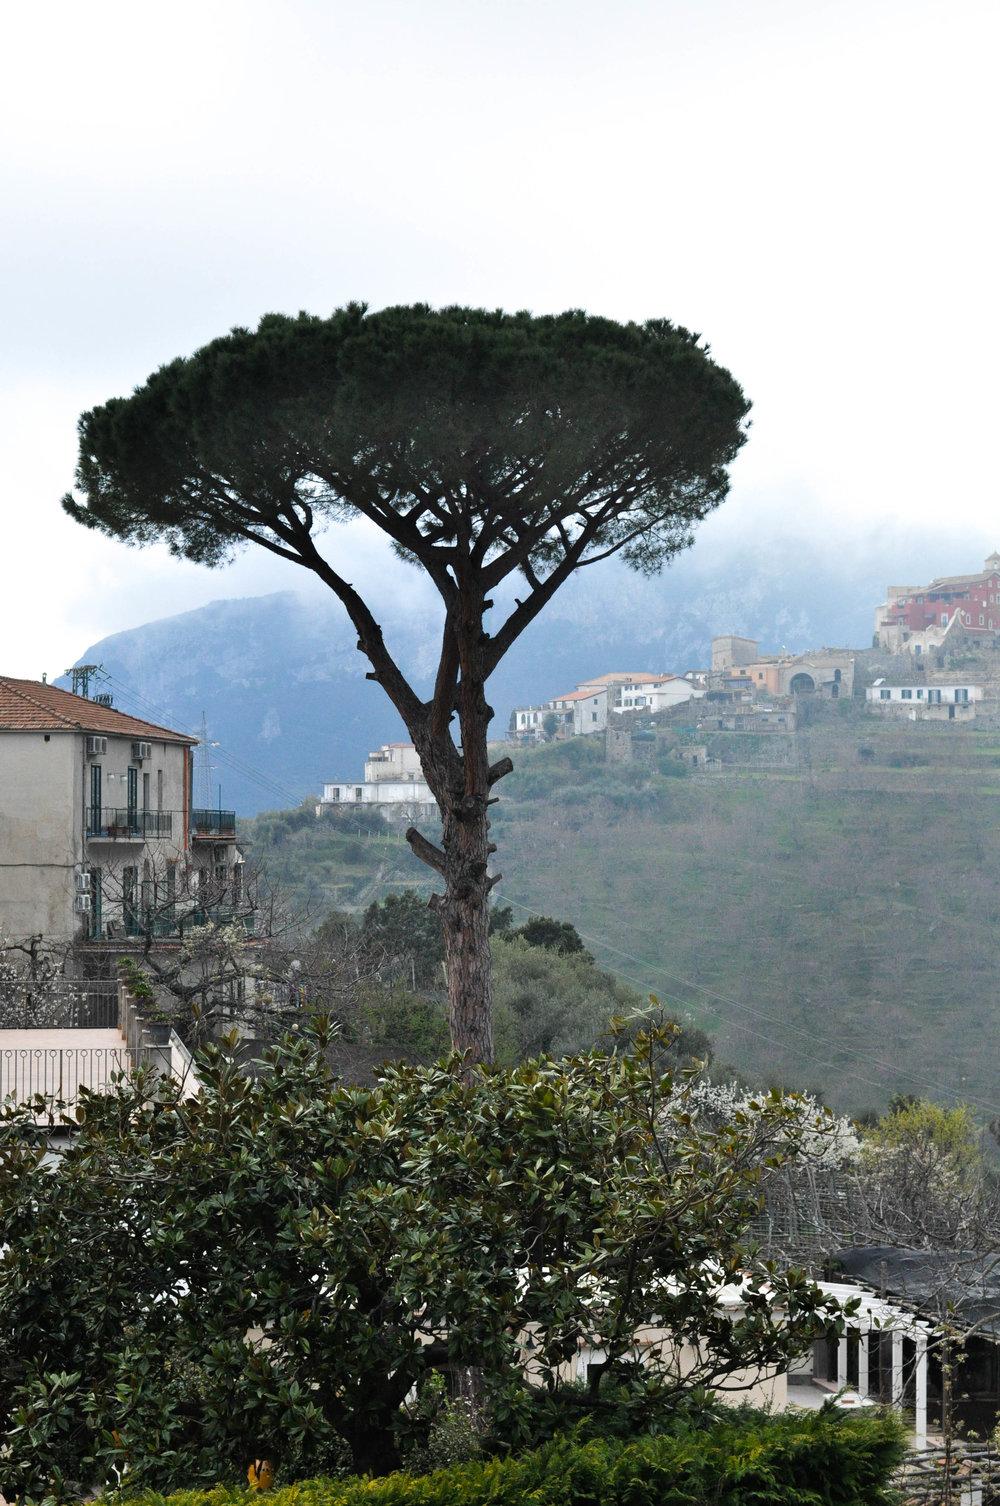 AmalfiCapriPompeii-181.jpg